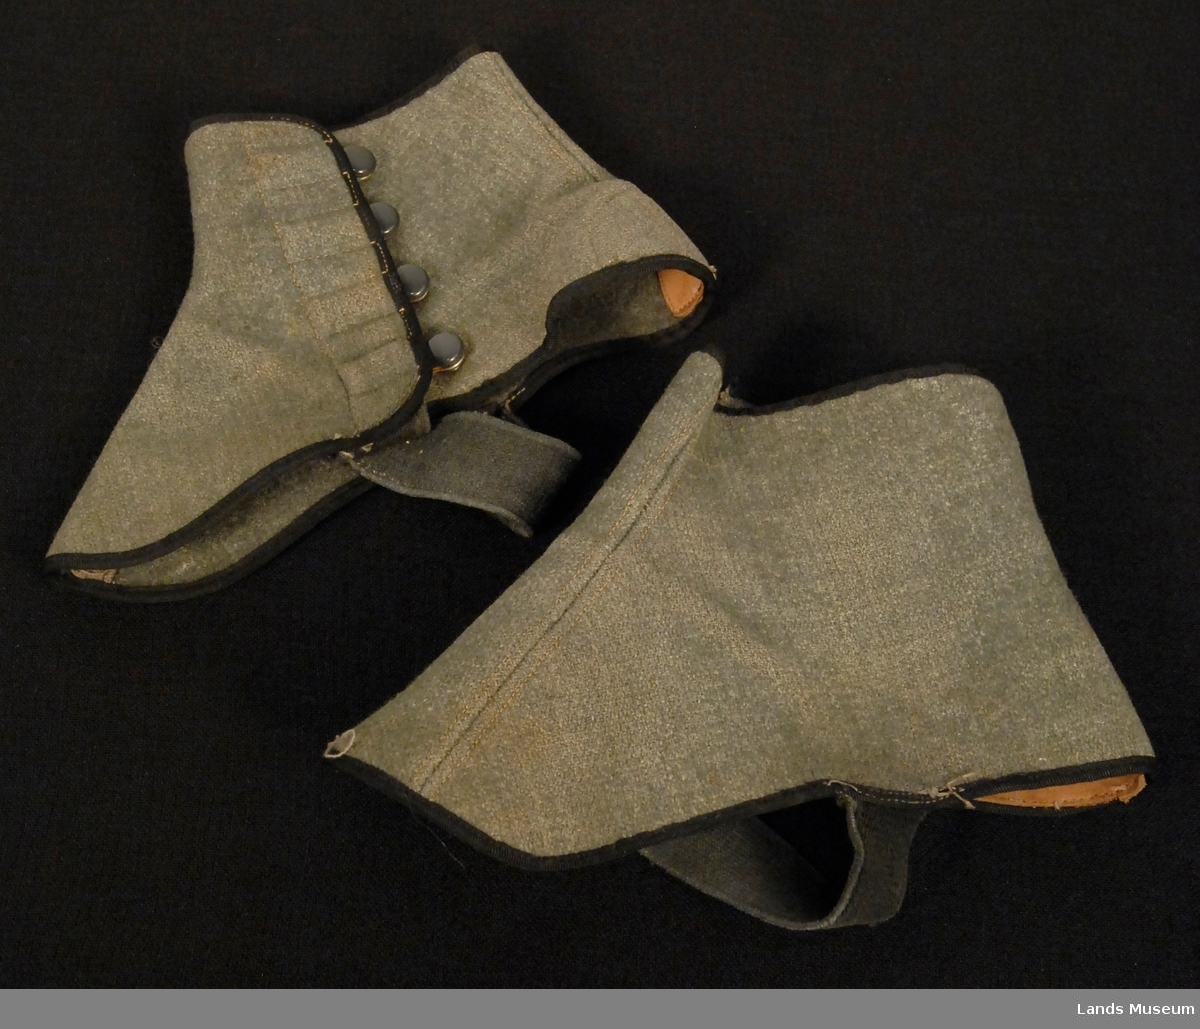 Herregamasjer med 4 knapper på siden. 1 par. strikk under foten. Svarte kanteband og knapper. Skinnforsterkning for hælen.